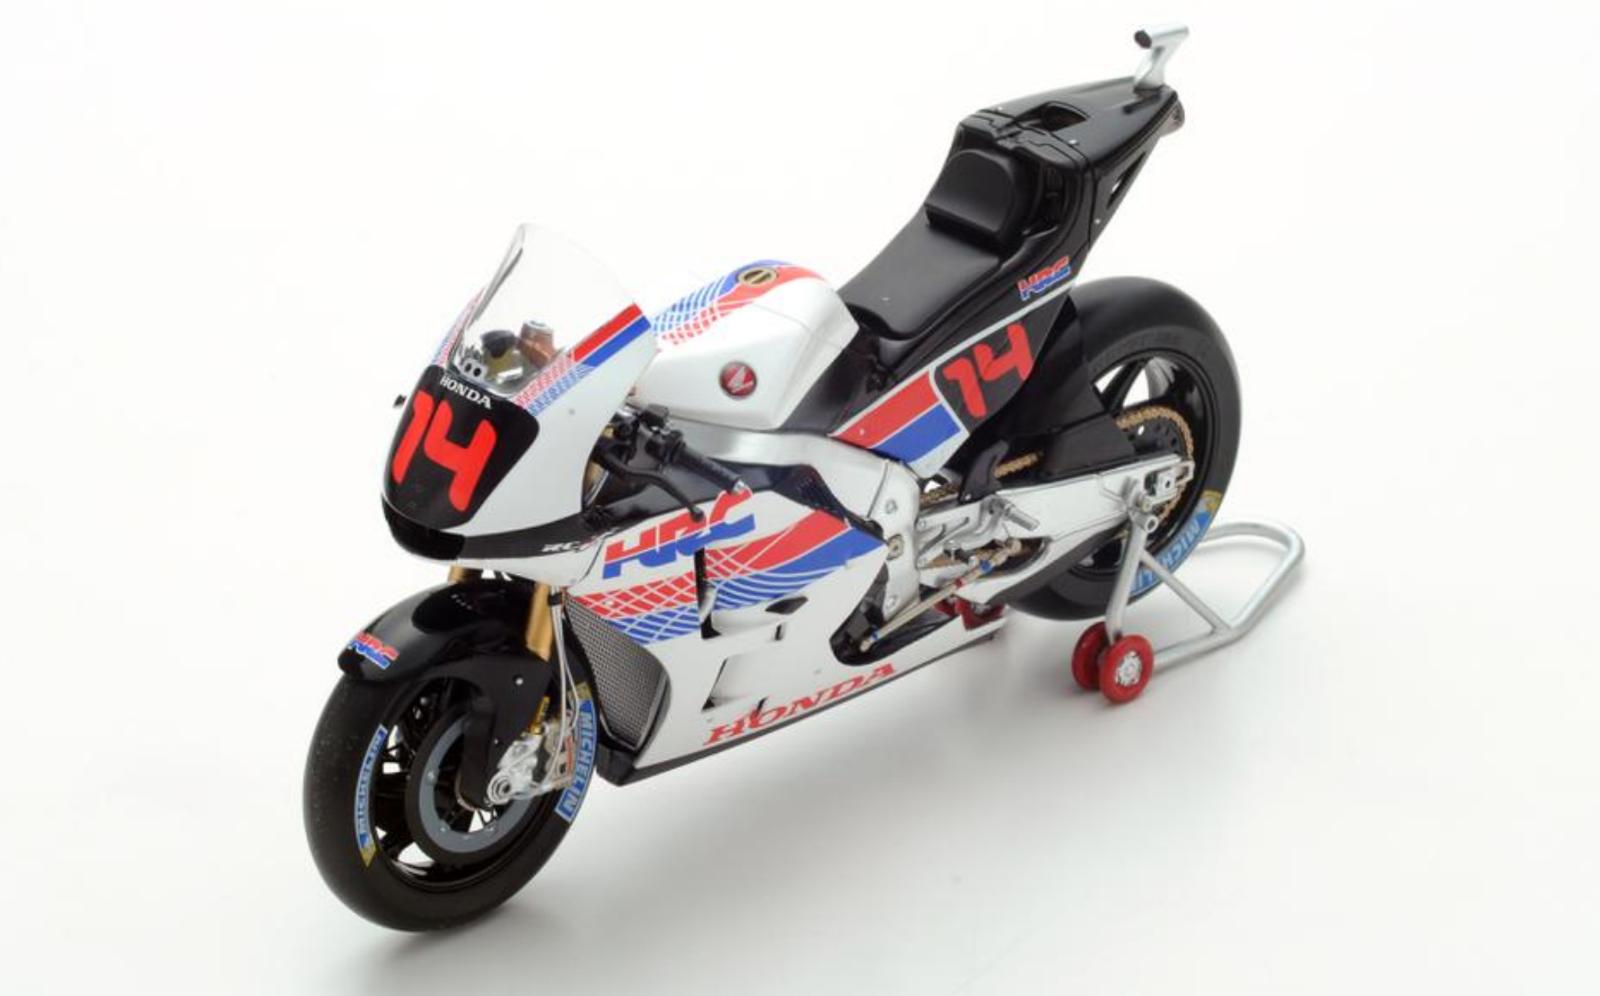 prendi l'ultimo 1 12 Honda RC213V Alonso Motegi 2016 1 12 • • • SPARK M12036  consegna veloce e spedizione gratuita per tutti gli ordini